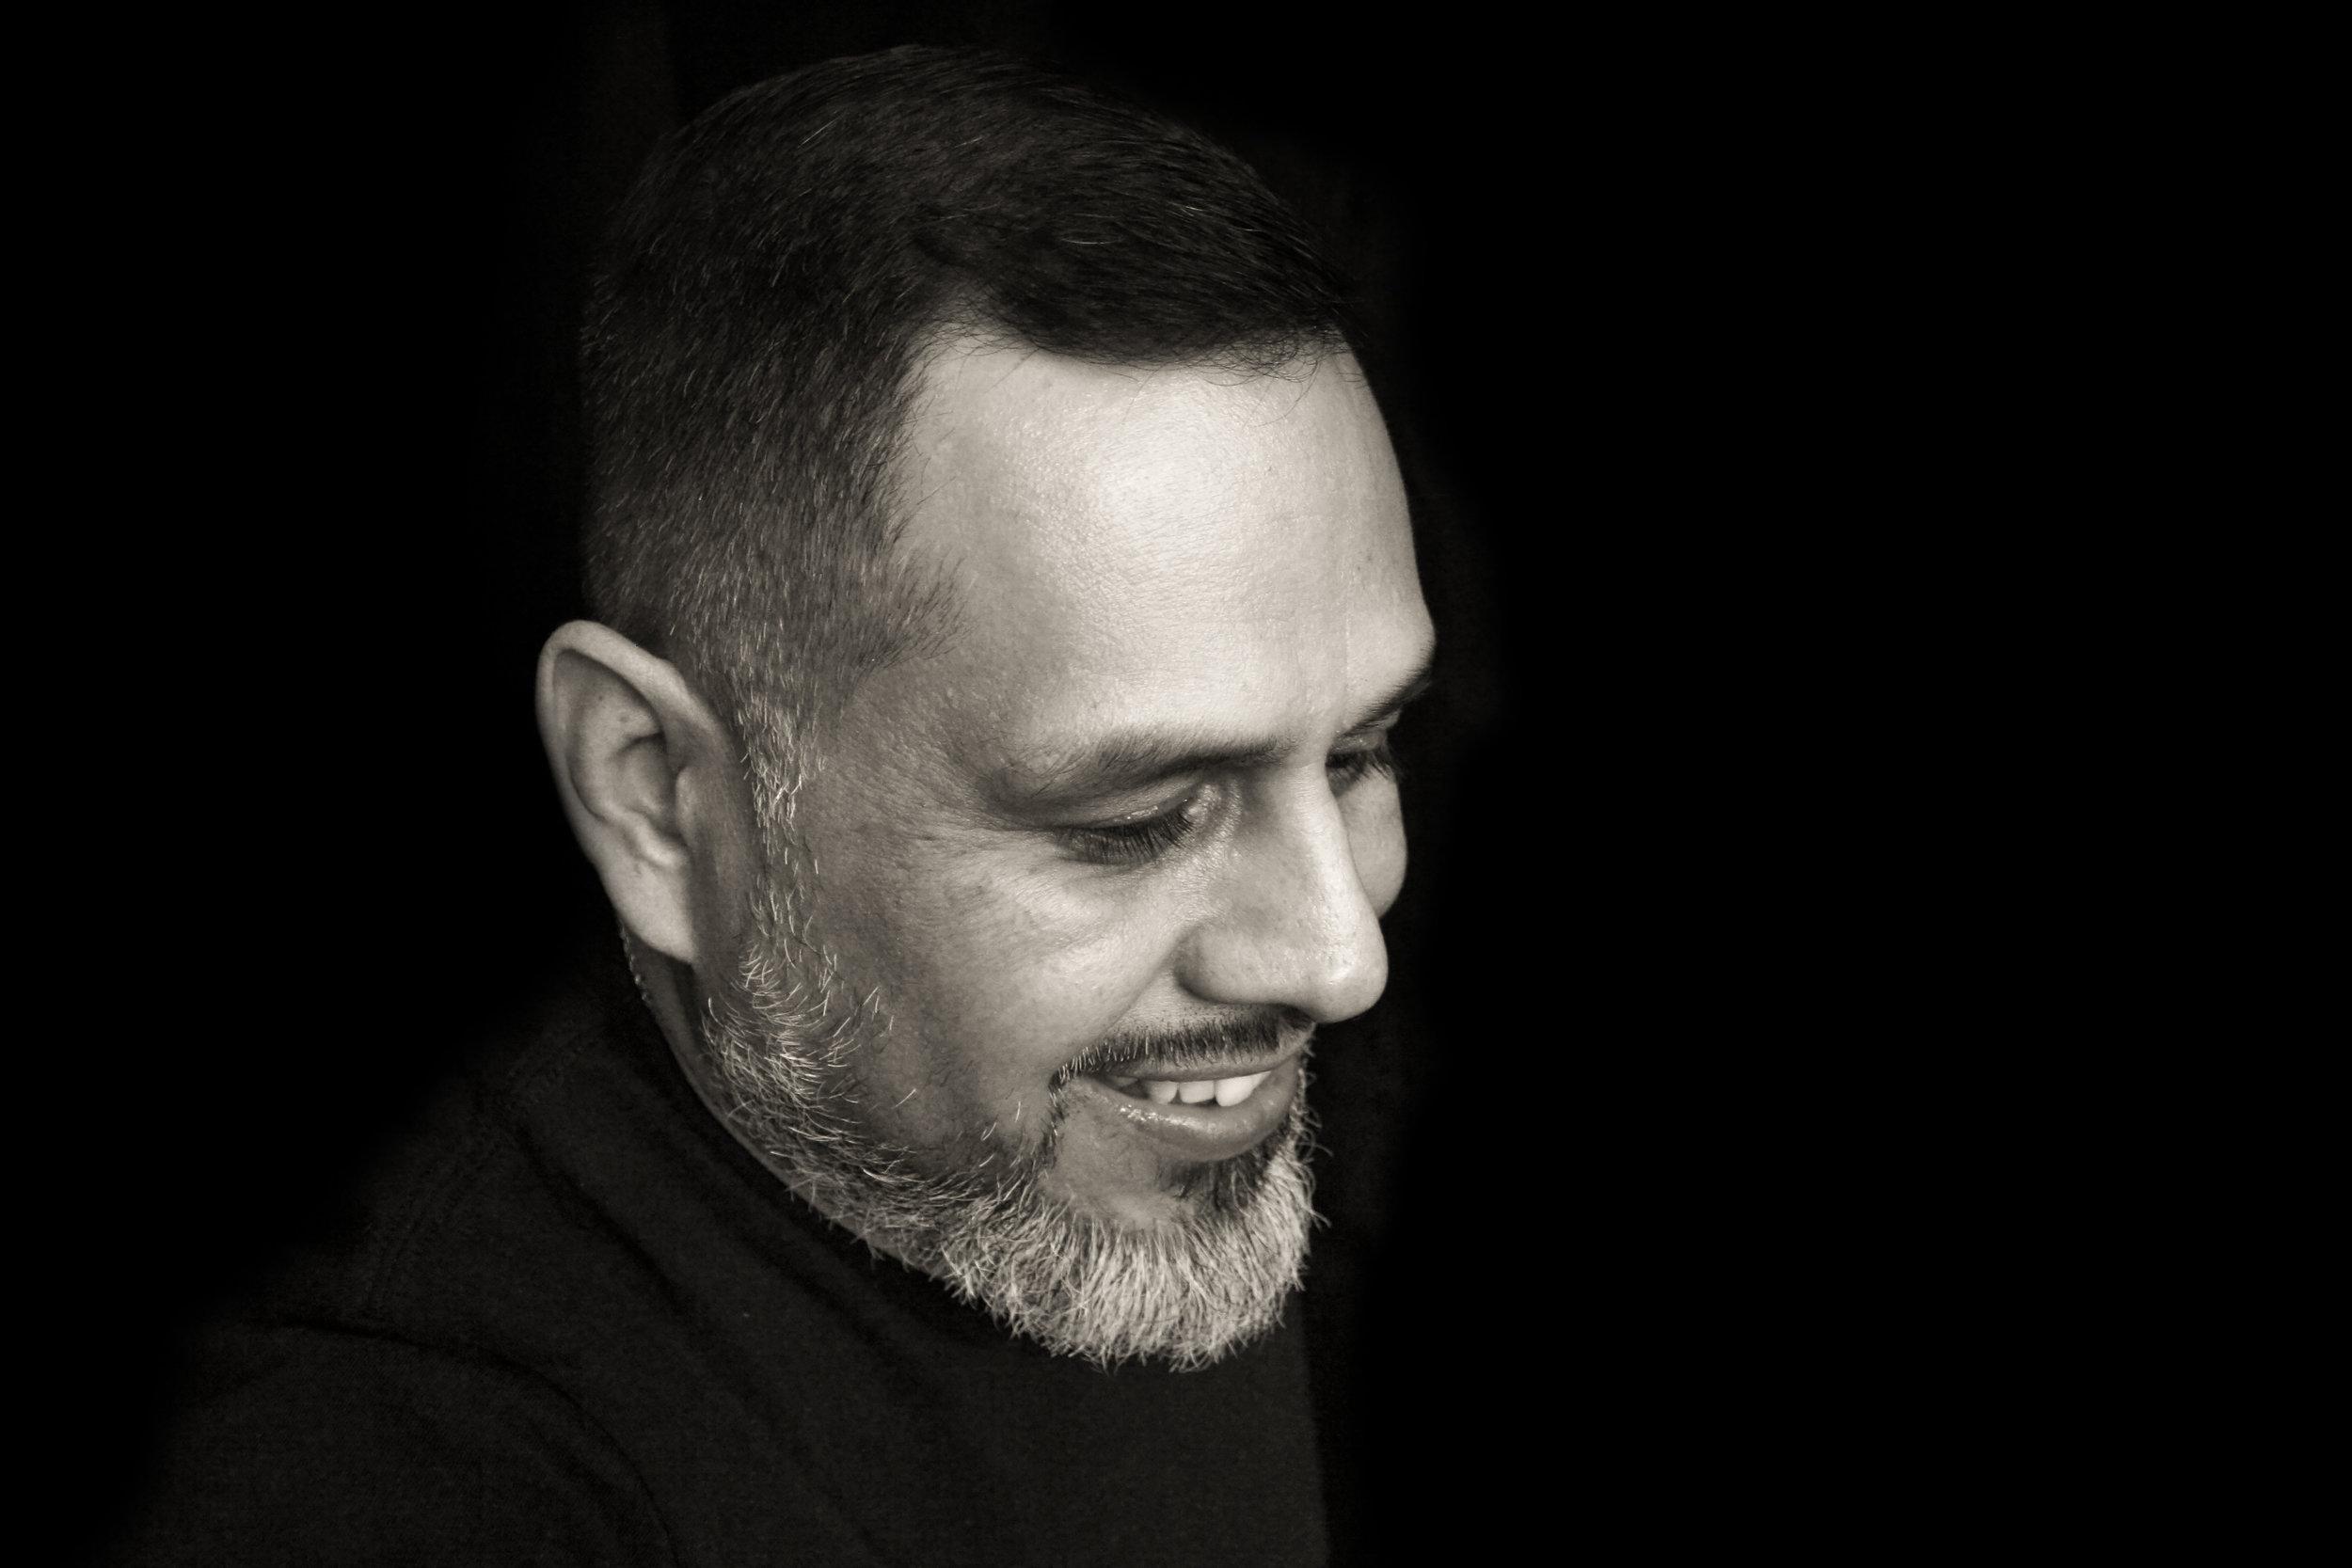 mario-profile-image.jpg